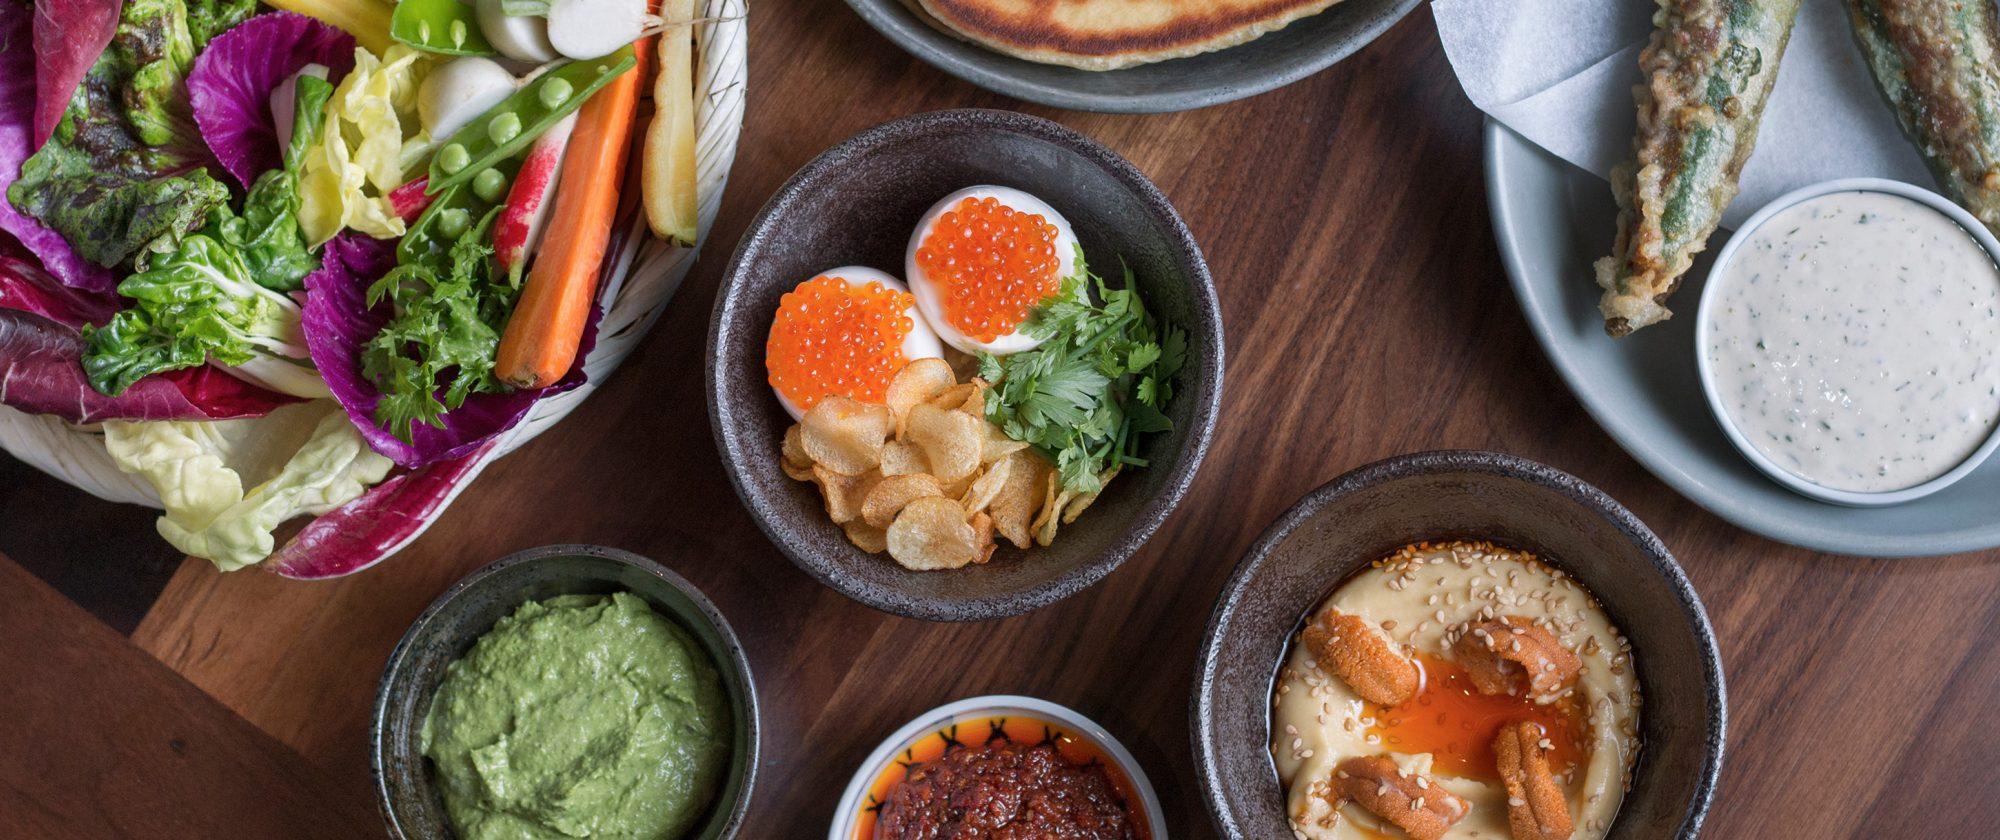 Dishes at Majordomo Meat & Fish